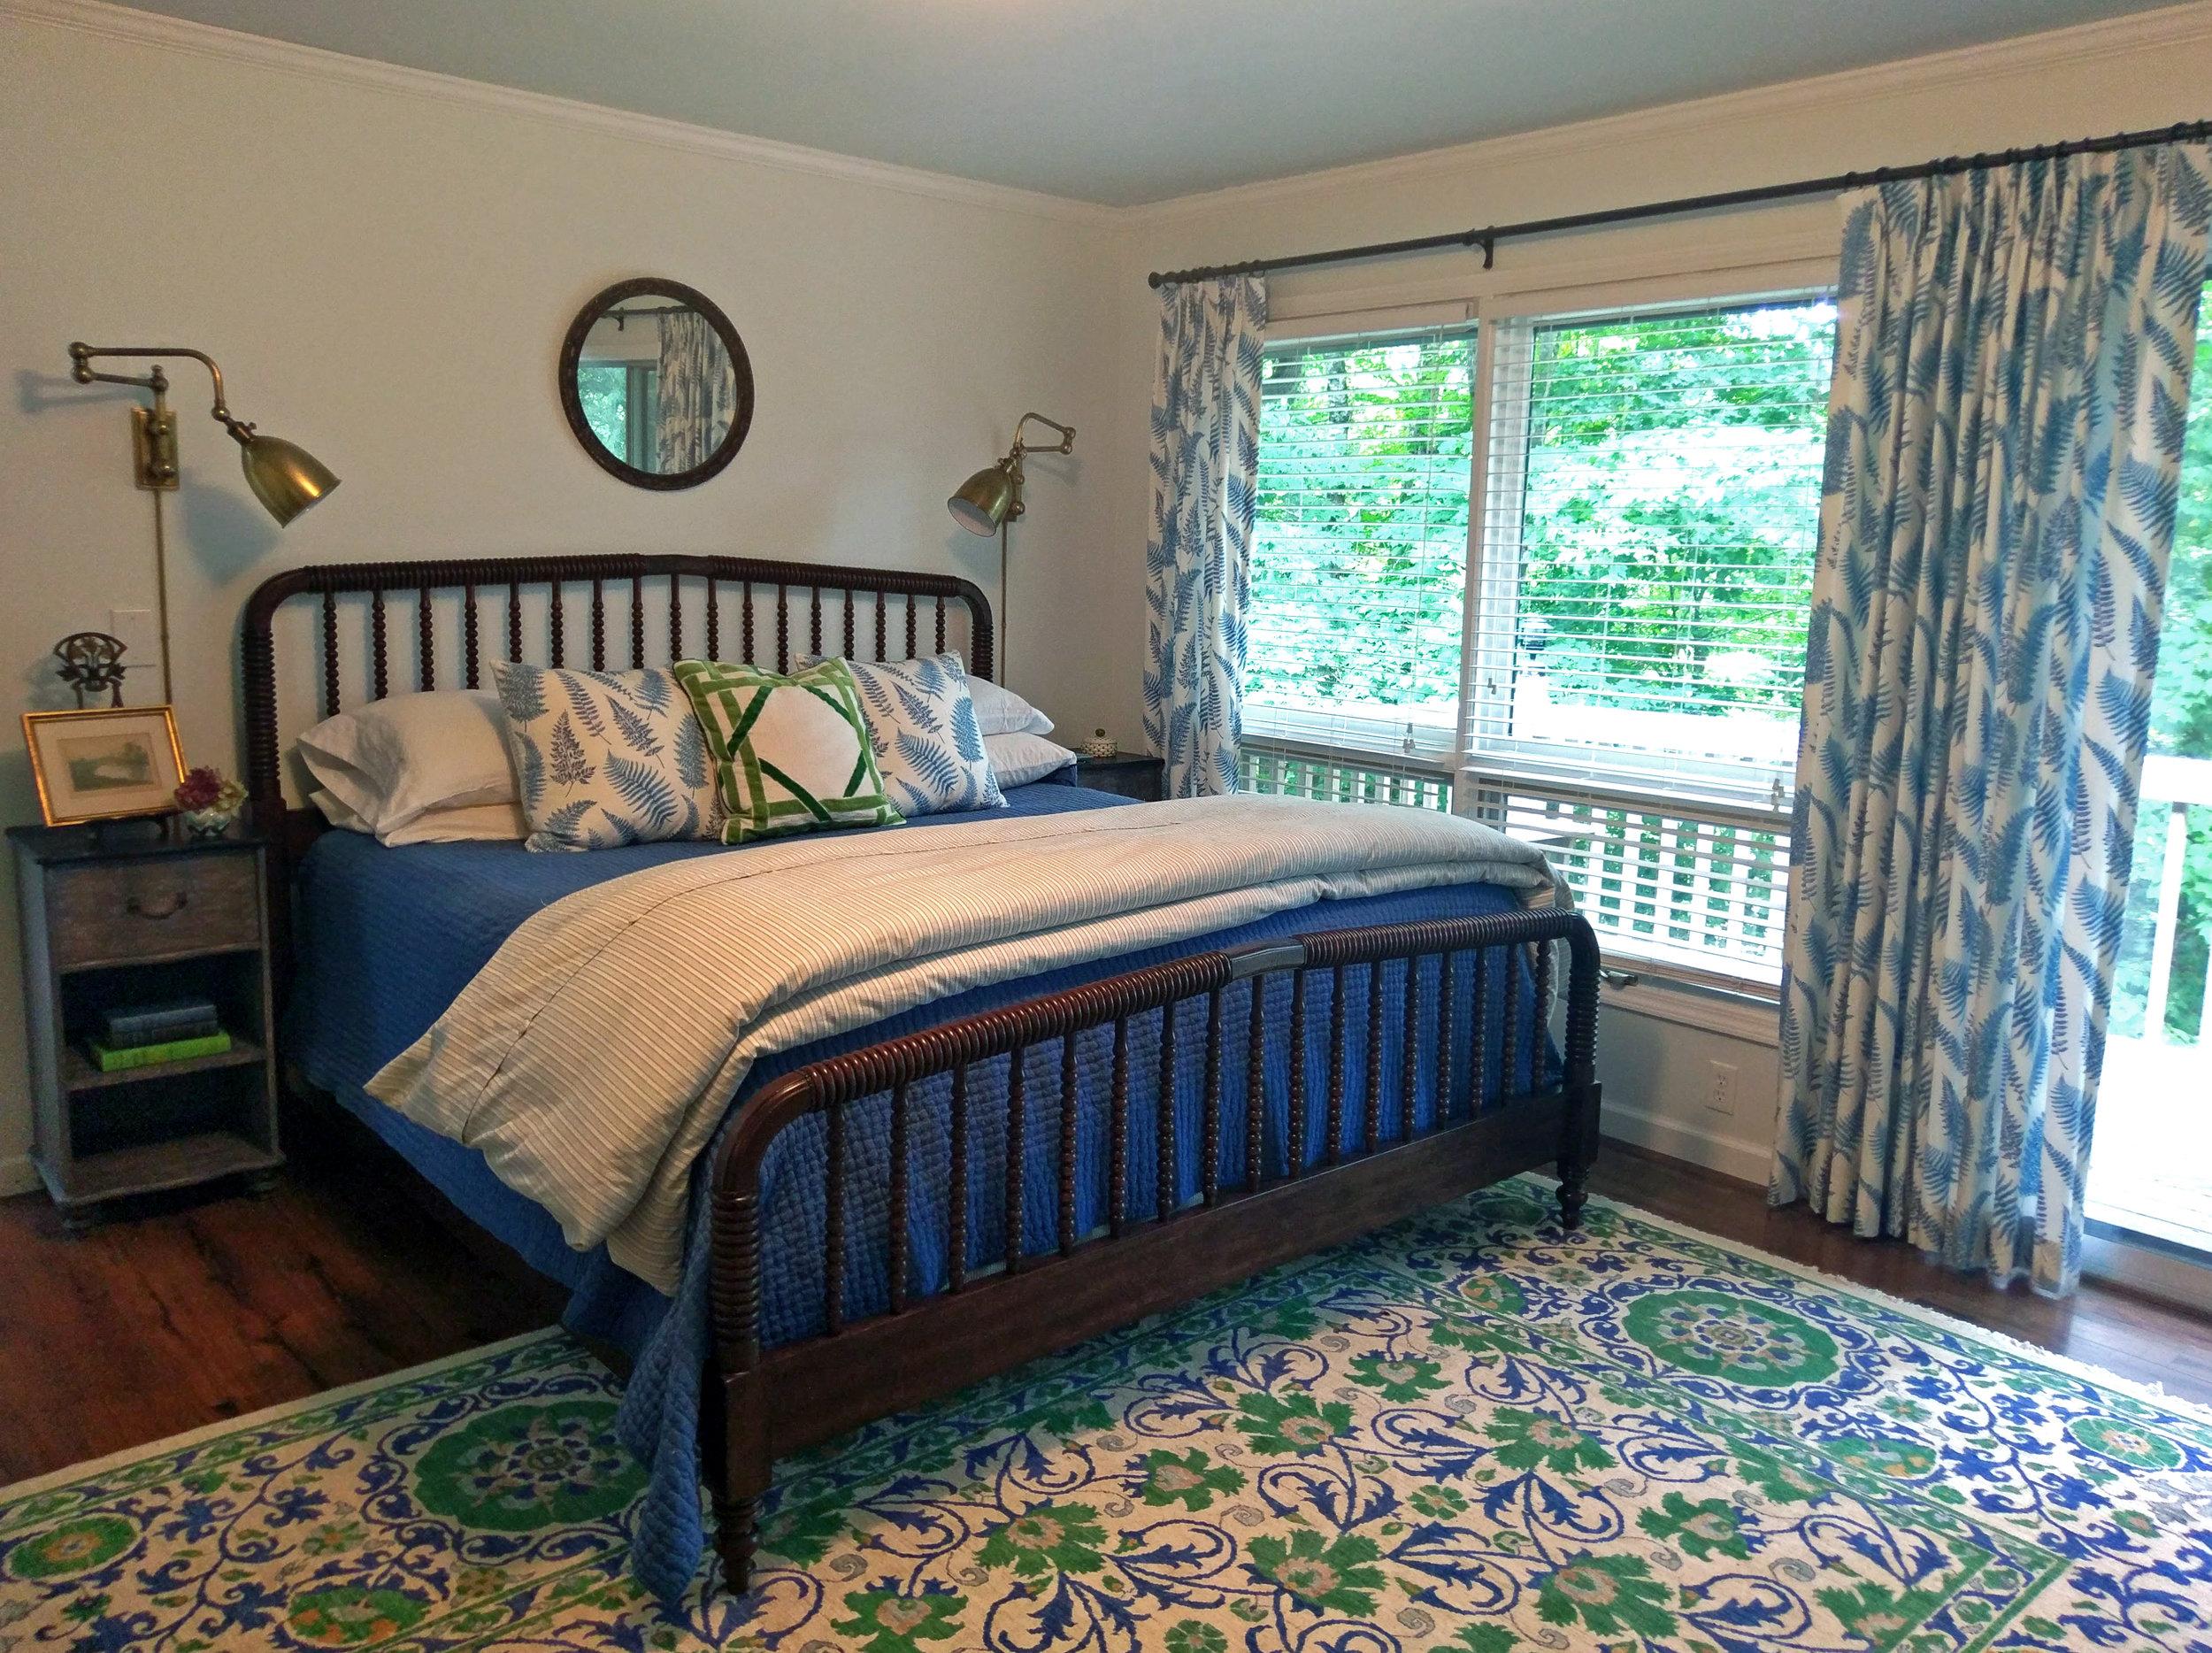 GGCC_Bedroom4.jpg